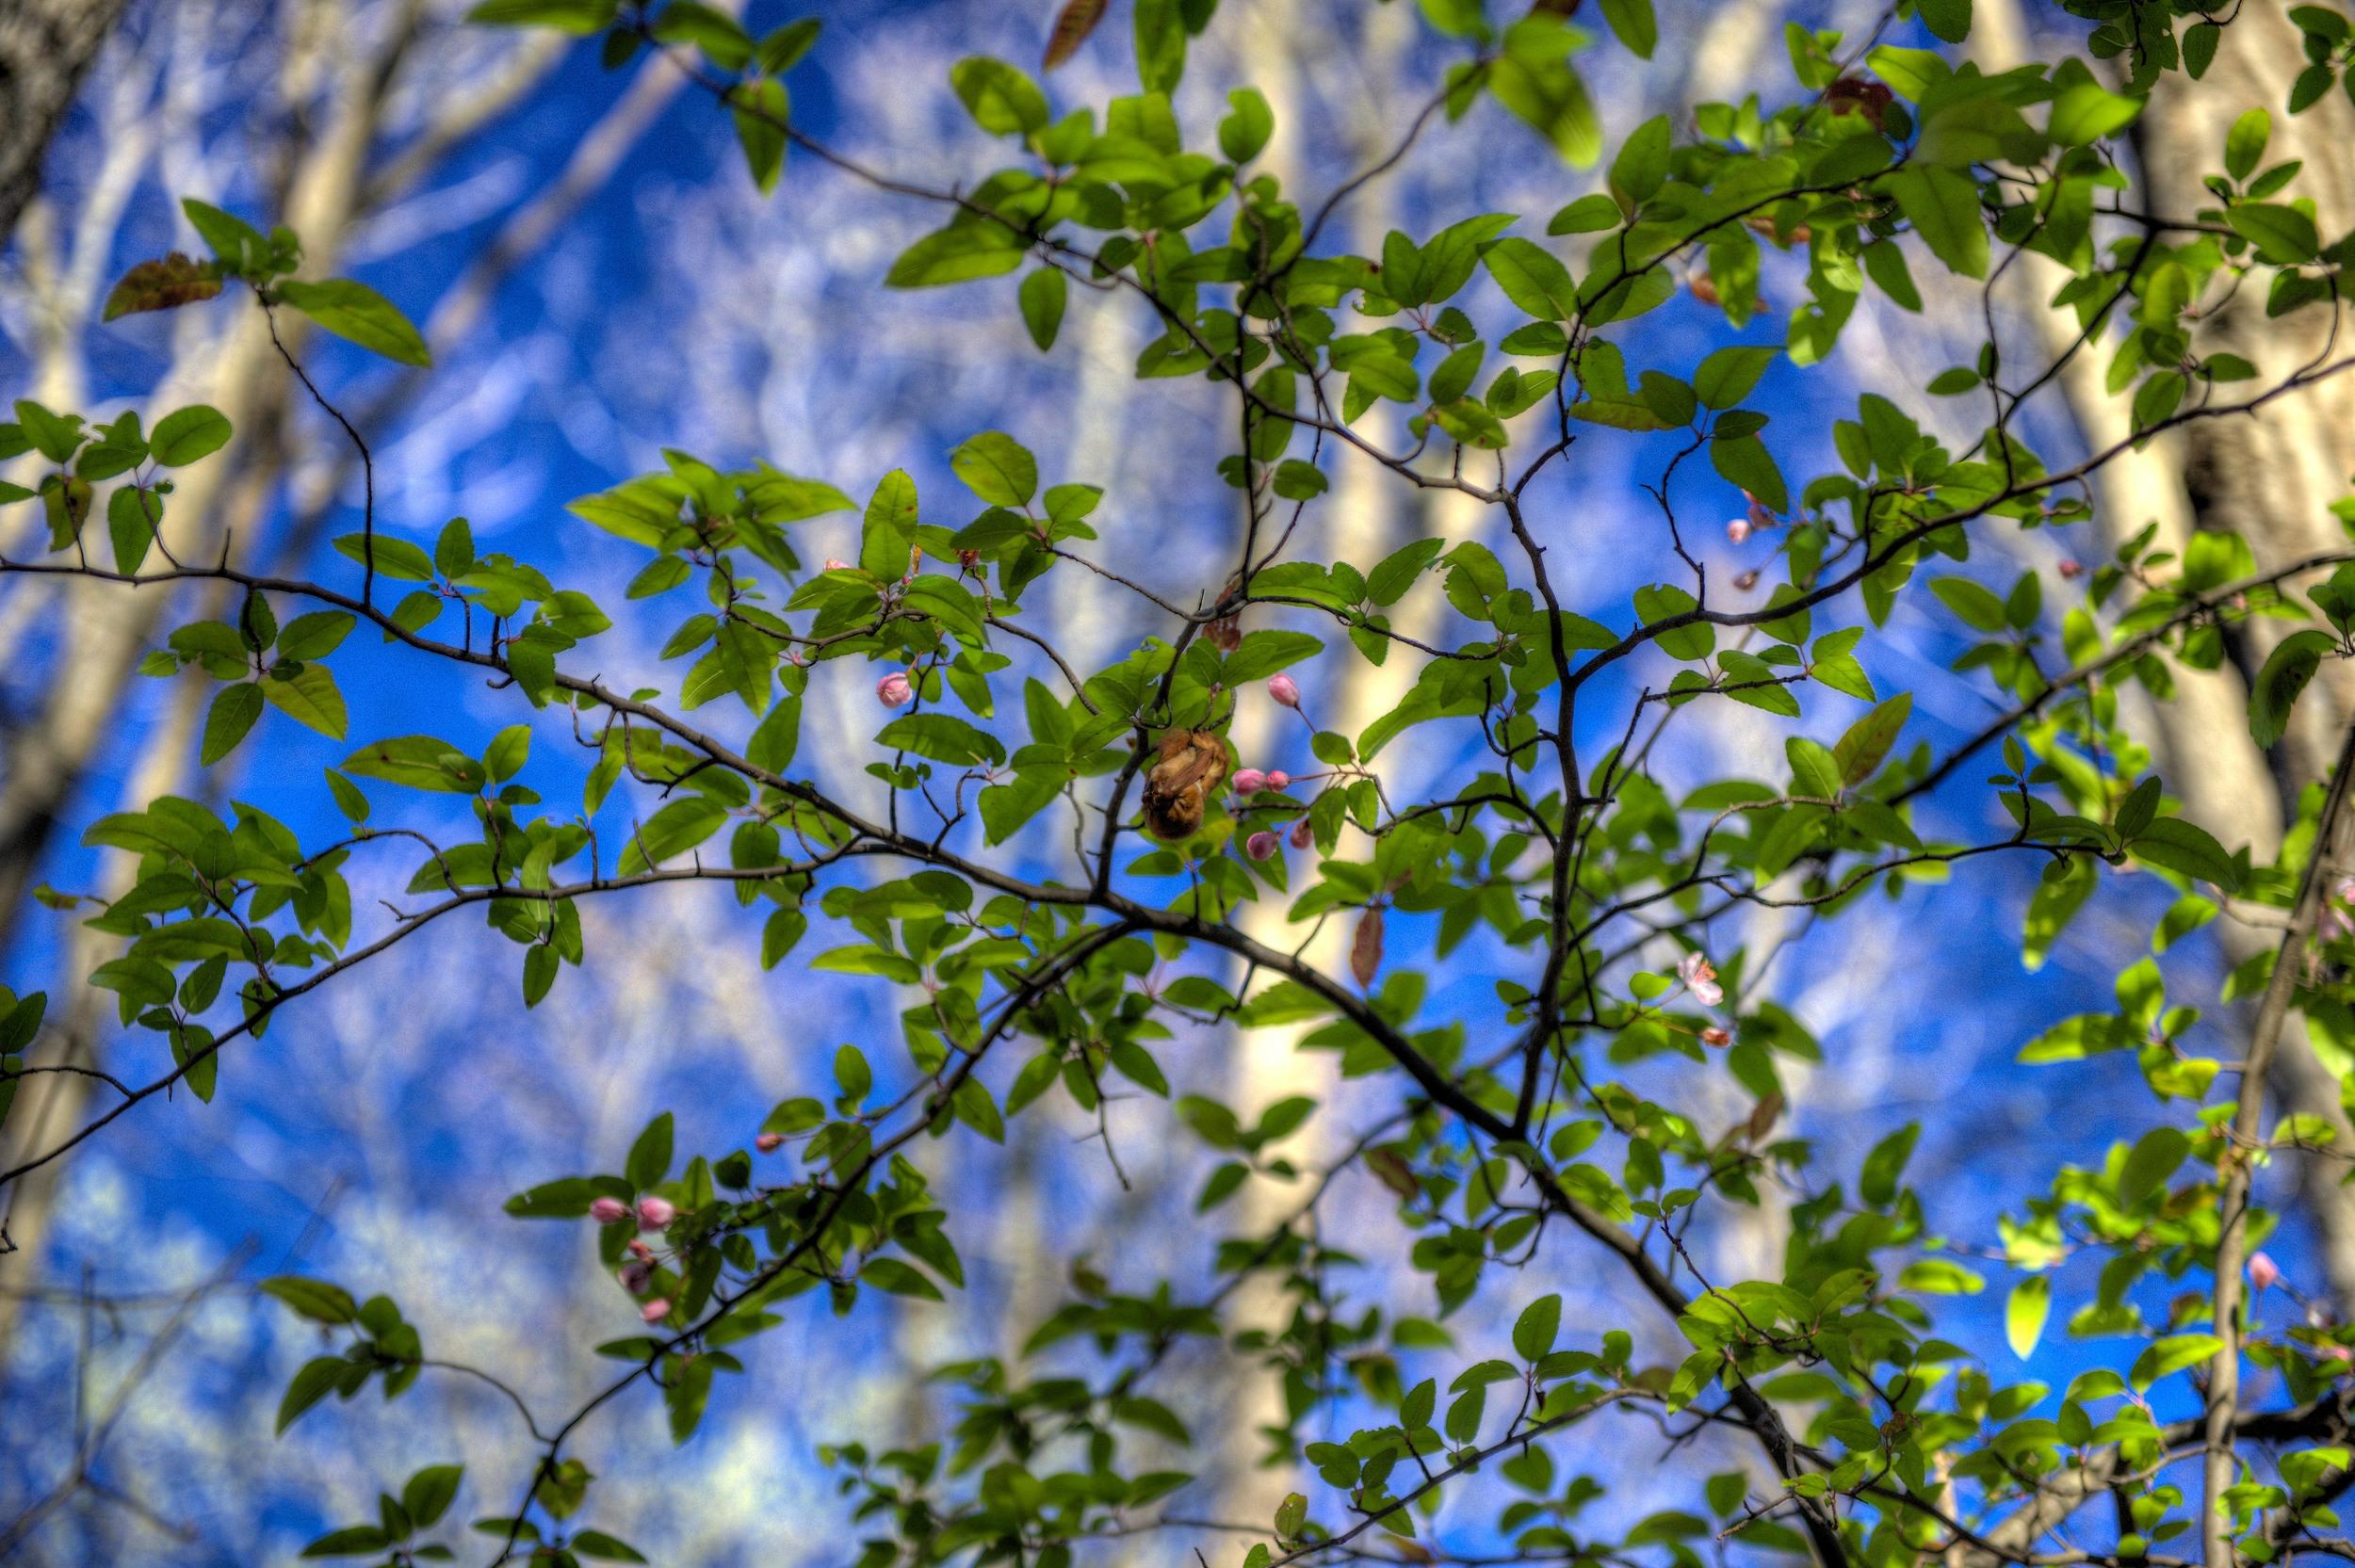 A bat in a tree